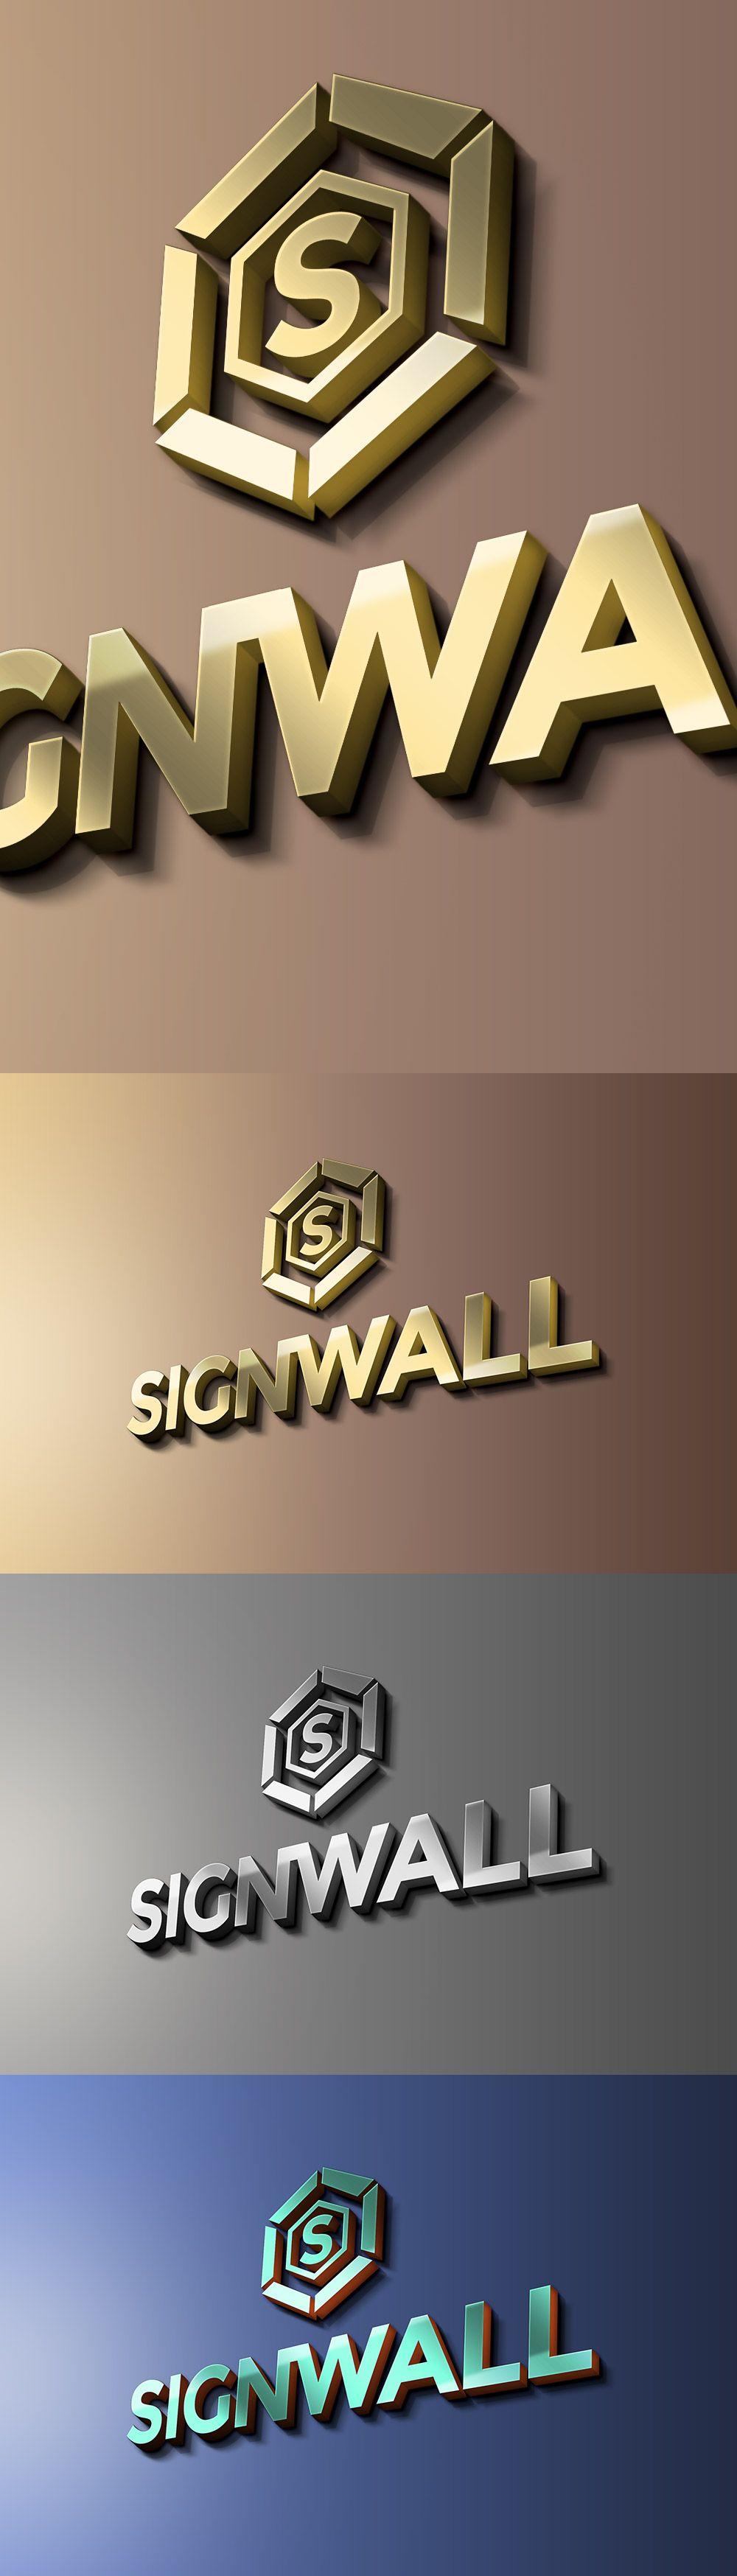 Free Sign Wall Logo Mockup 224 MB